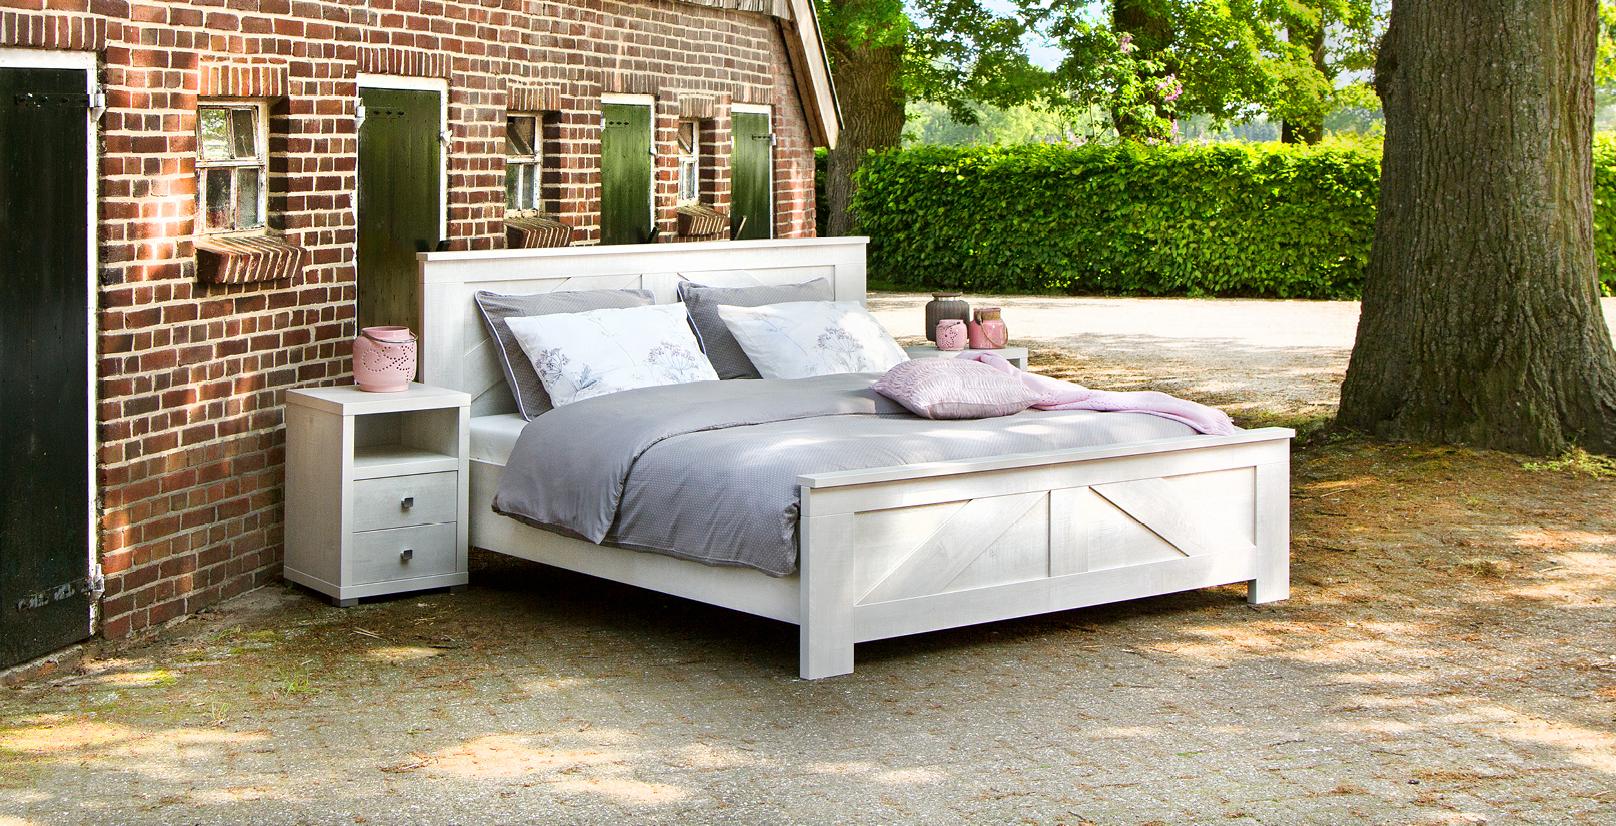 Populair Bed kopen? Luxe bedden, matrassen en bedbodems bij Slaaphof! #VH79